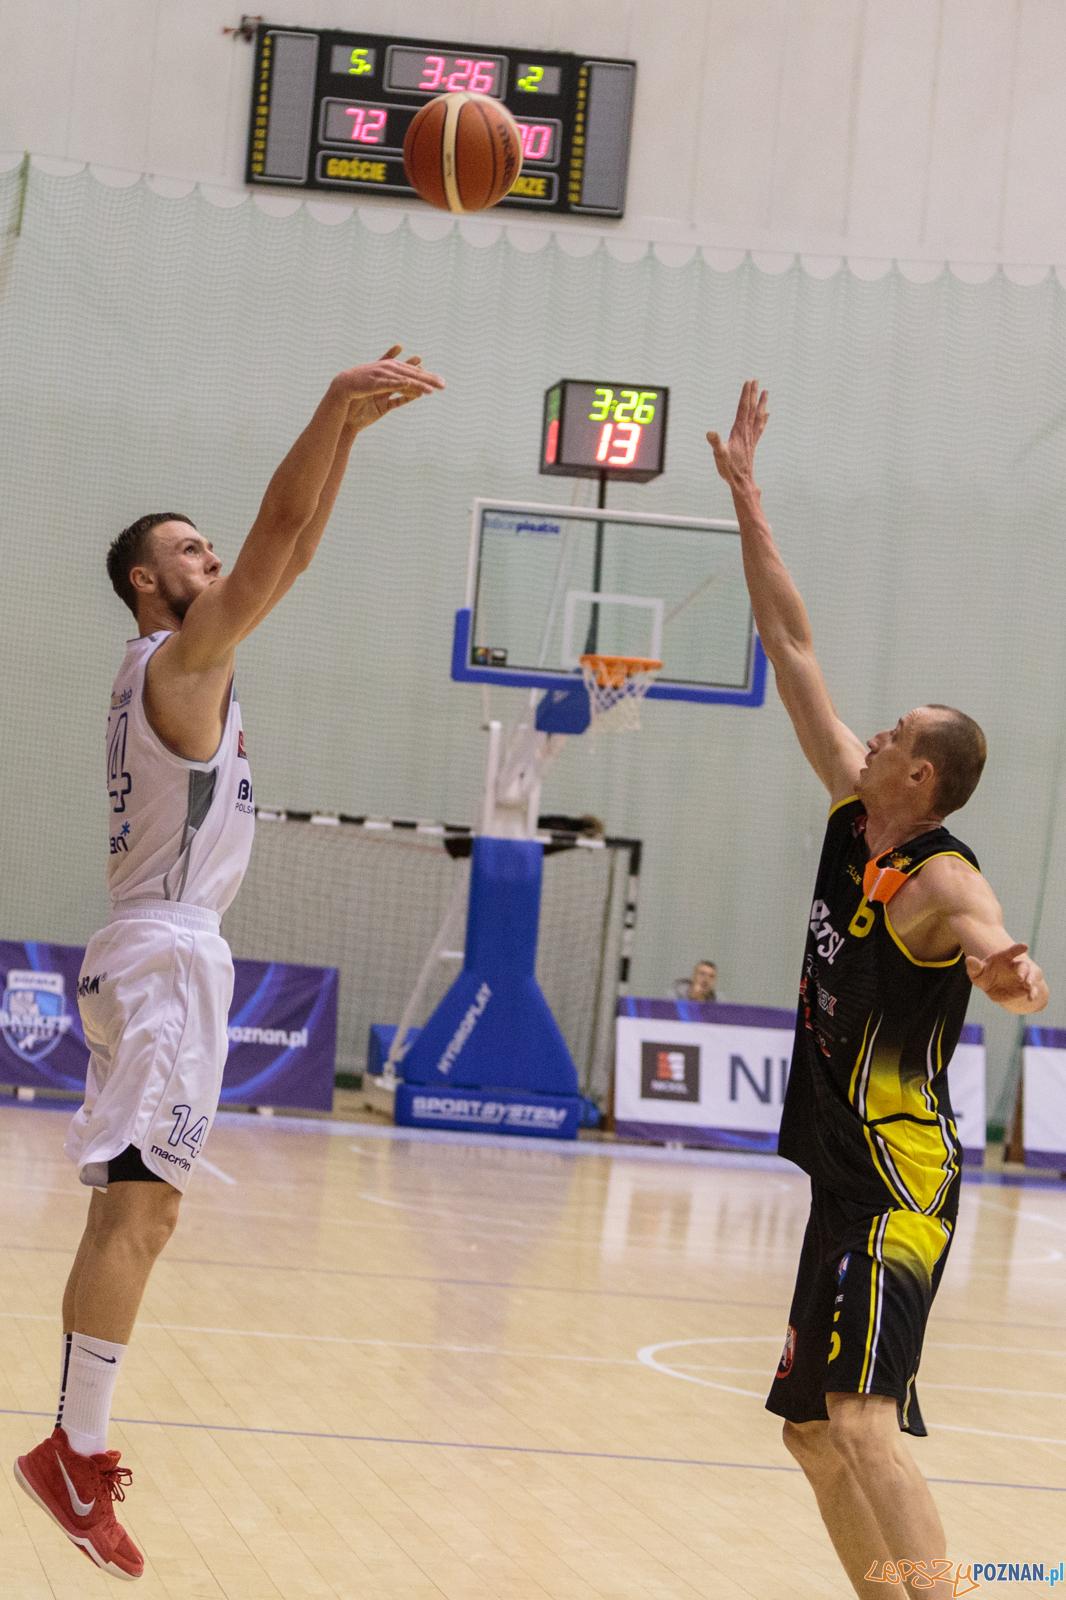 Biofarm Basket Poznań - Sokół Łańcut 86:75 - Poznań 17.02.  Foto: LepszyPOZNAN.pl / Paweł Rychter